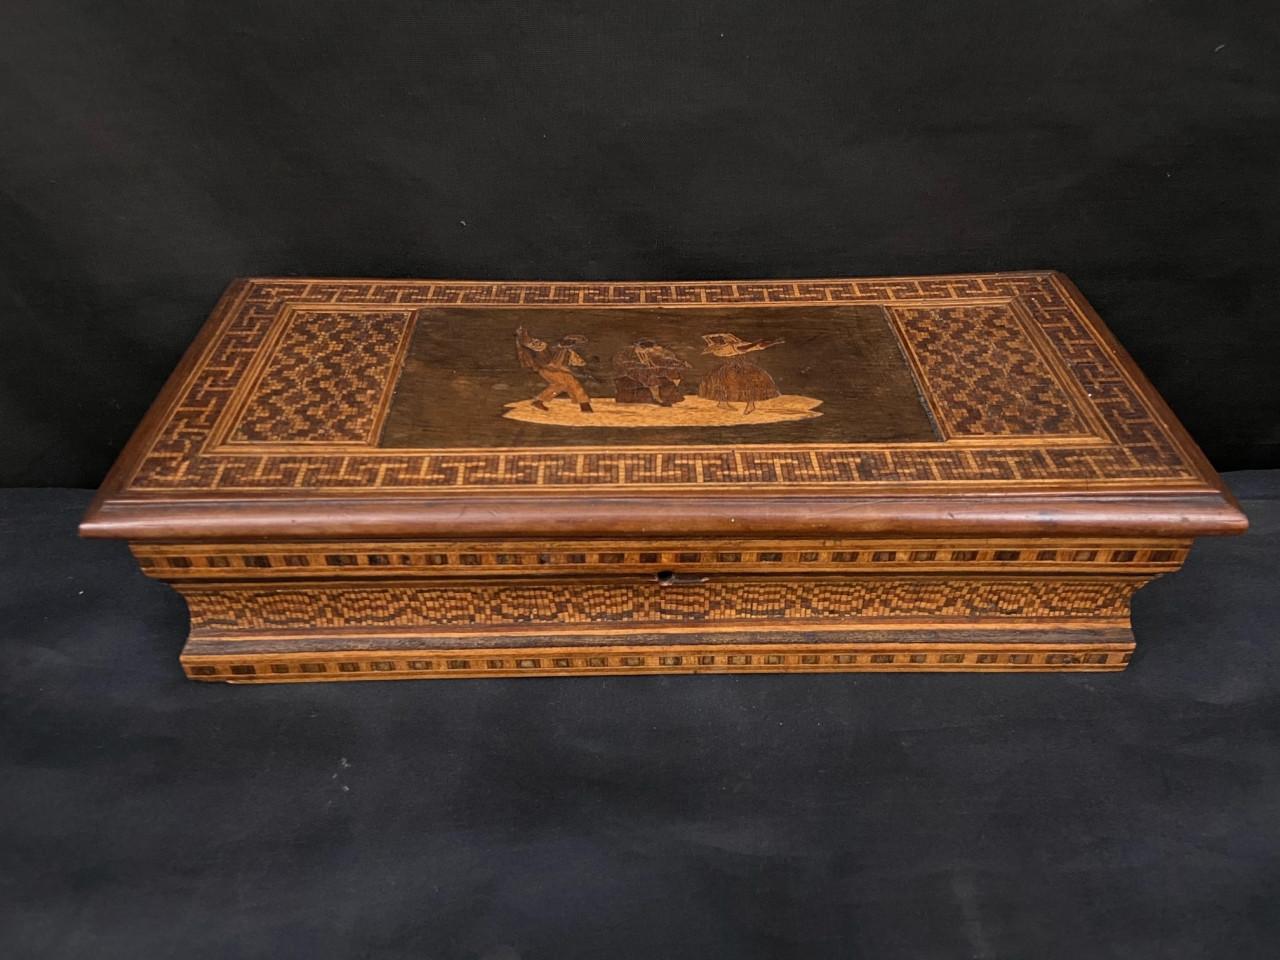 scatola portapenne intarsiata sorrentina del 800 - Antichità Ioviero